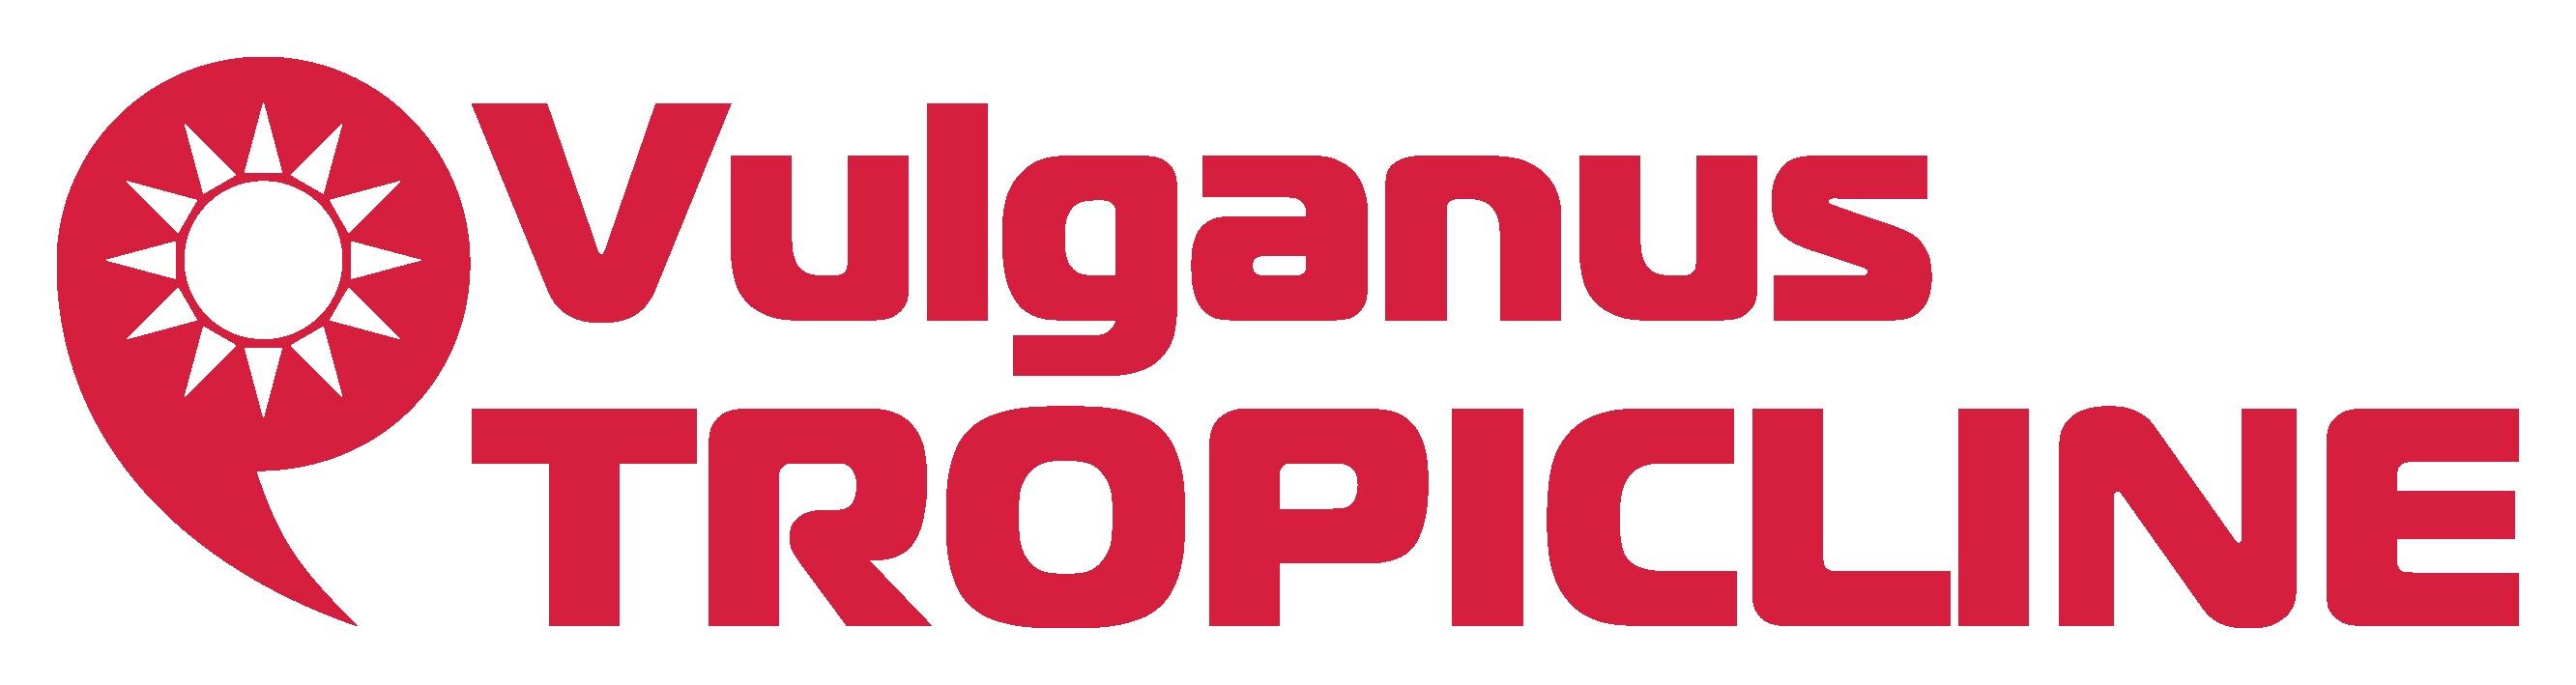 Tropicline.jpg